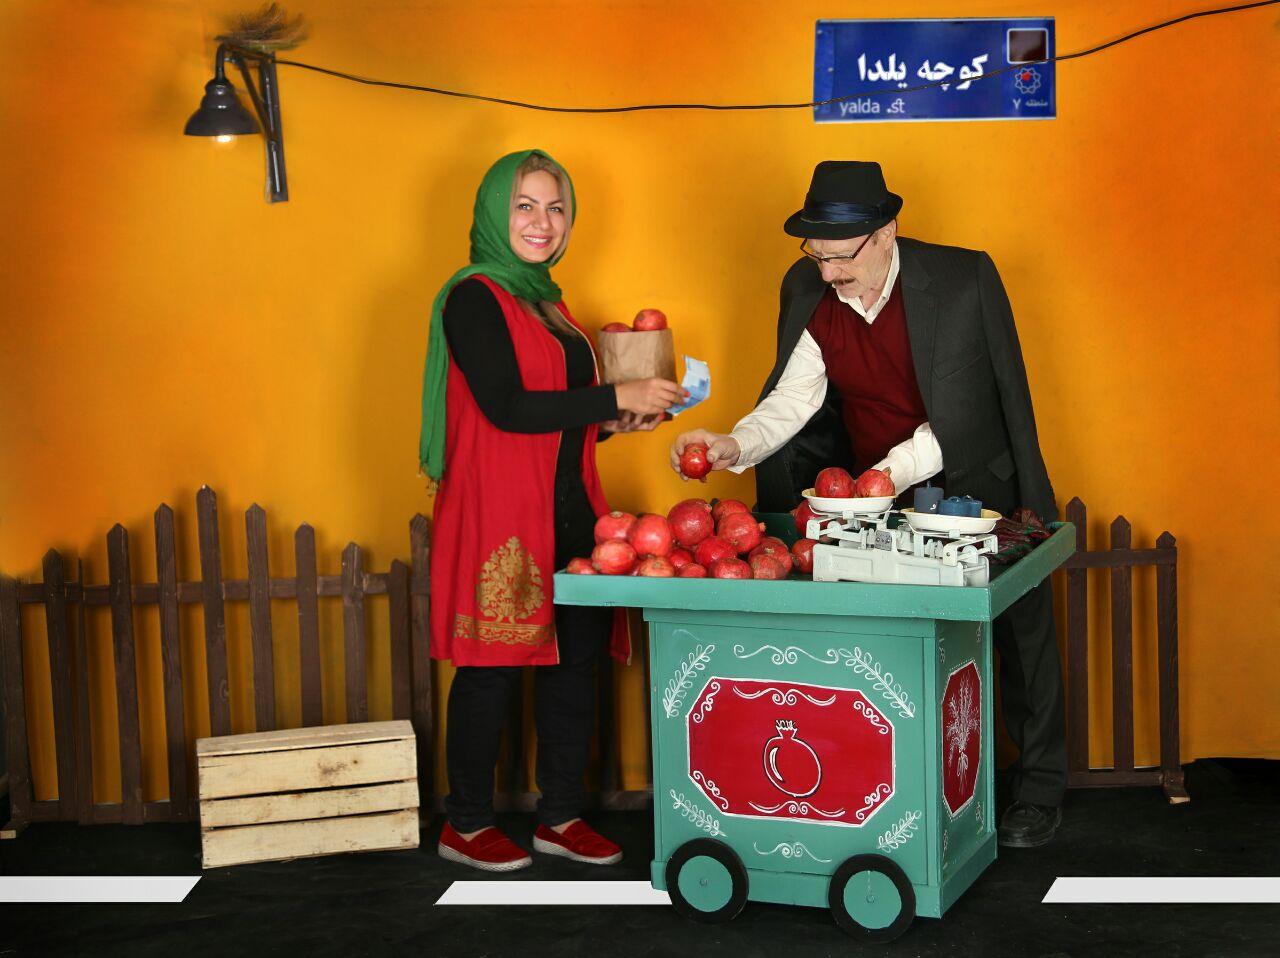 عکاسی مدارس شب چله دکور پاییزی انار فروشی توسط سهراب نعیمی